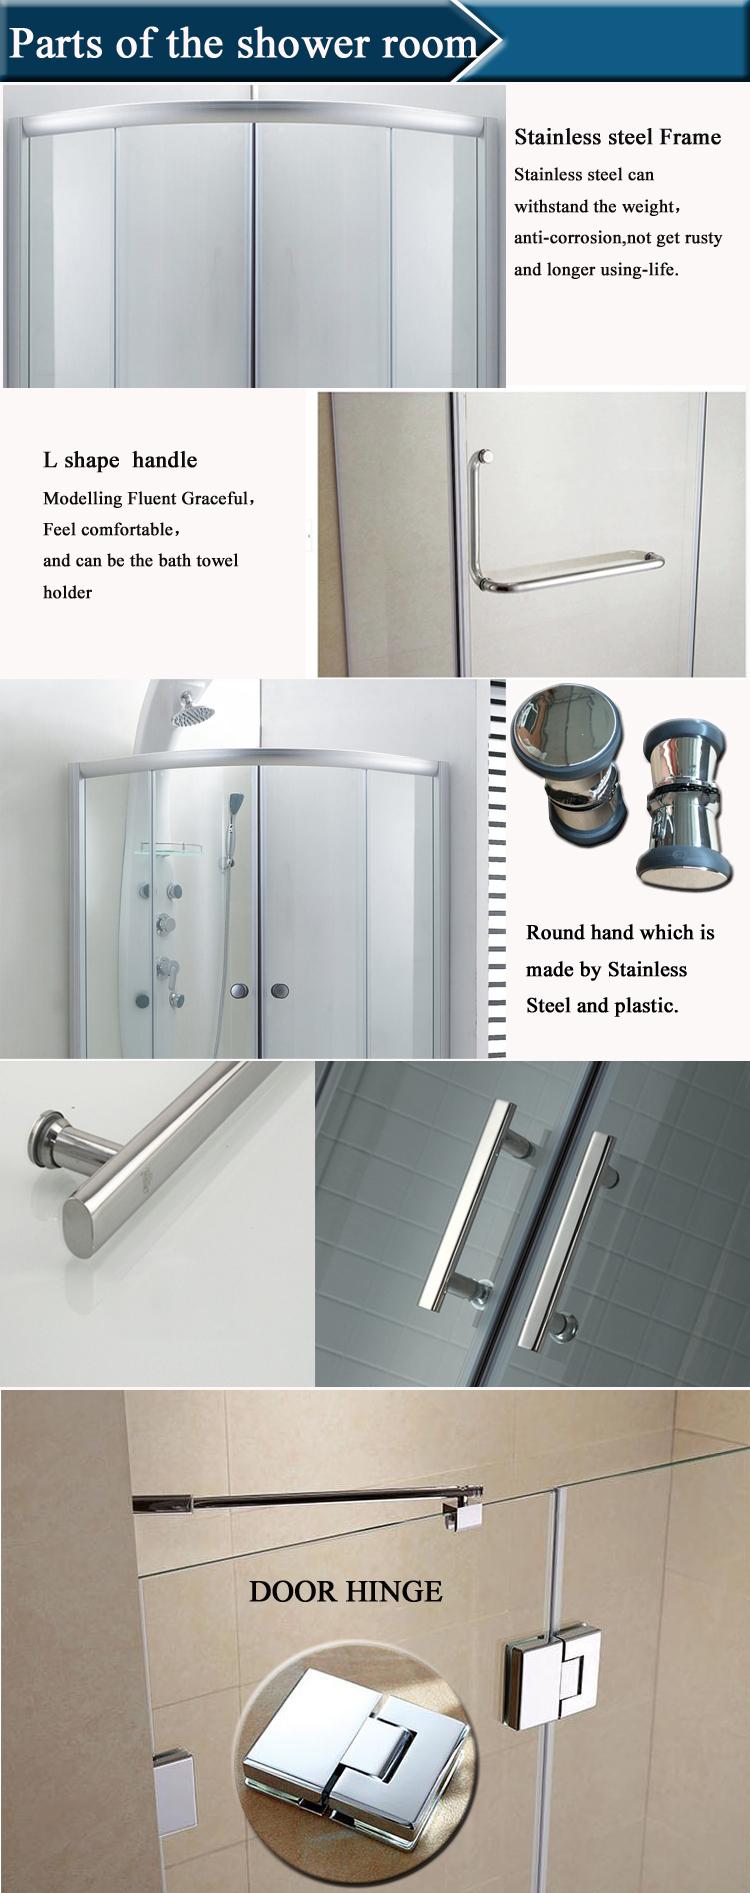 Hs-sr005b Curved Glass Shower Enclosure/ Corner Shower Room Round/ D ...